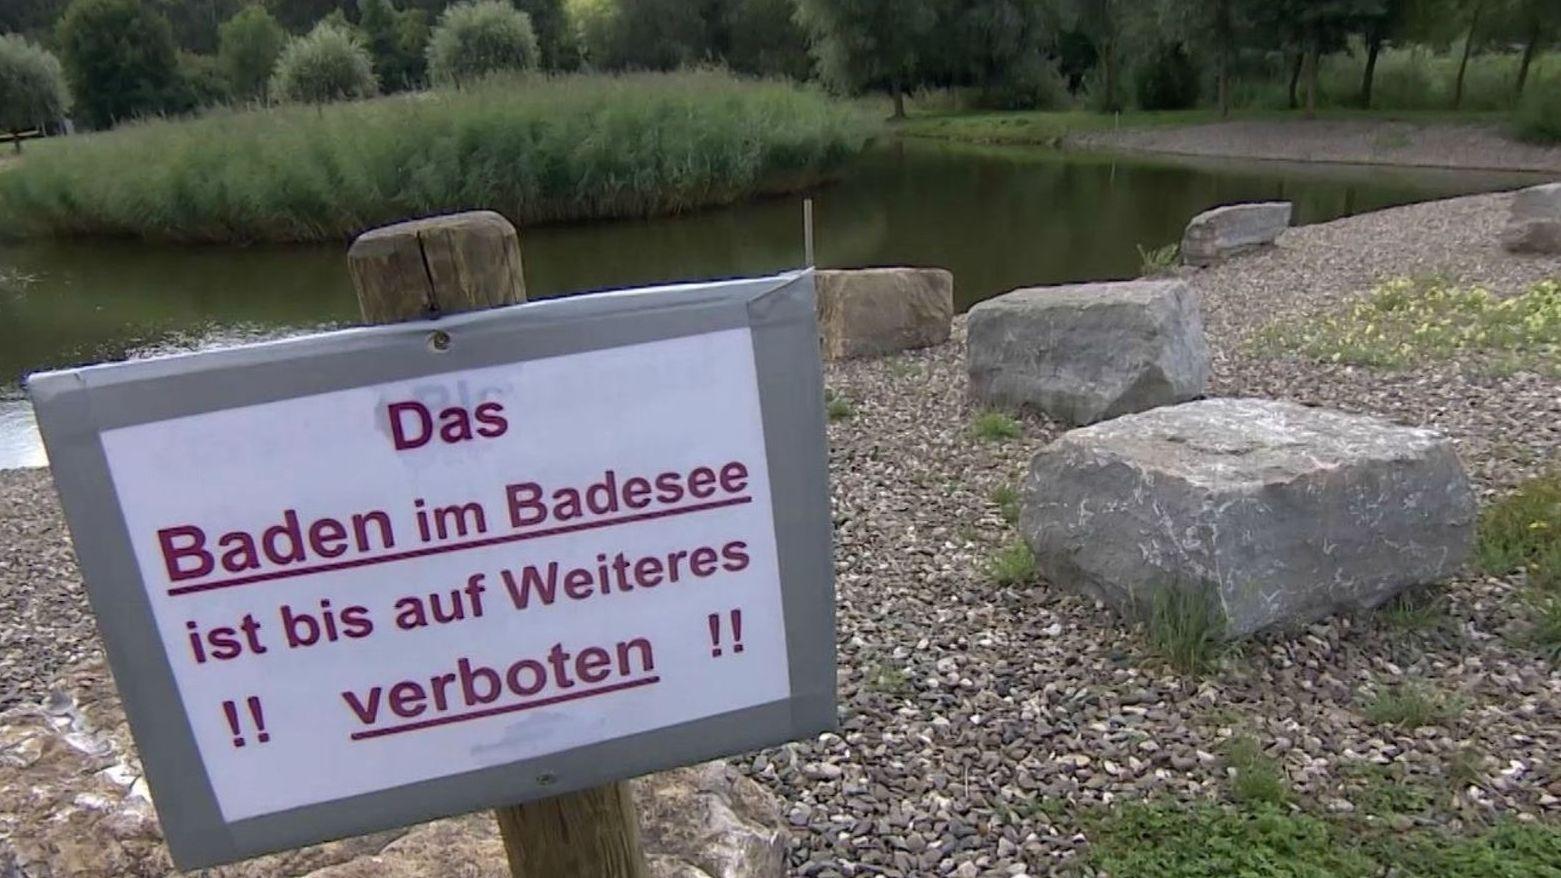 """Ein Schild am Ufer eines Badeteichs mit der Aufschrift """"Das Baden im Badesee ist bis auf Weiteres verboten""""."""